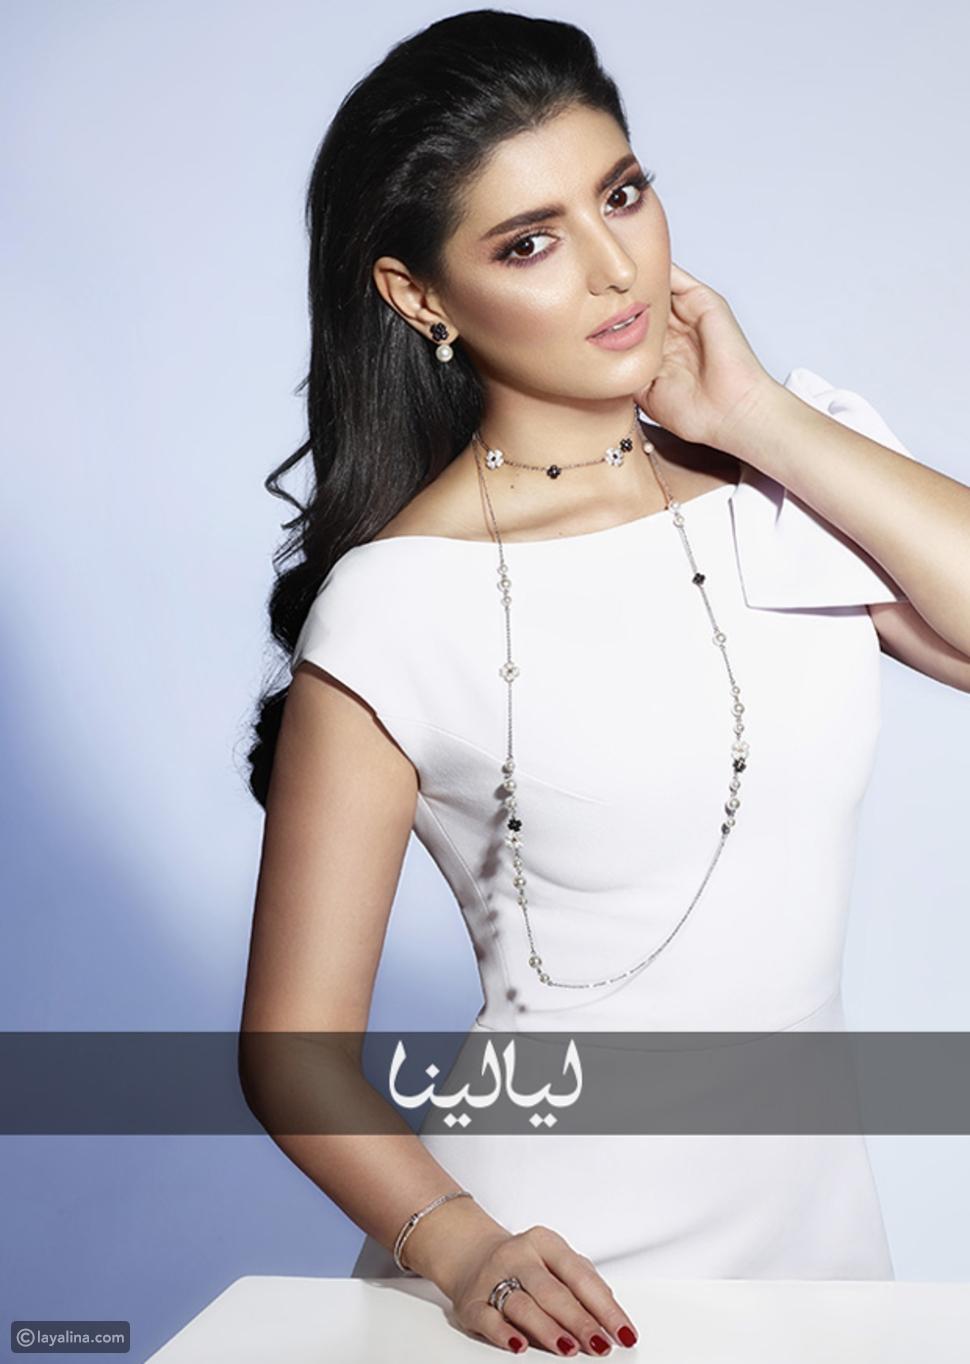 مريم سعيد الإعلامية المغربية